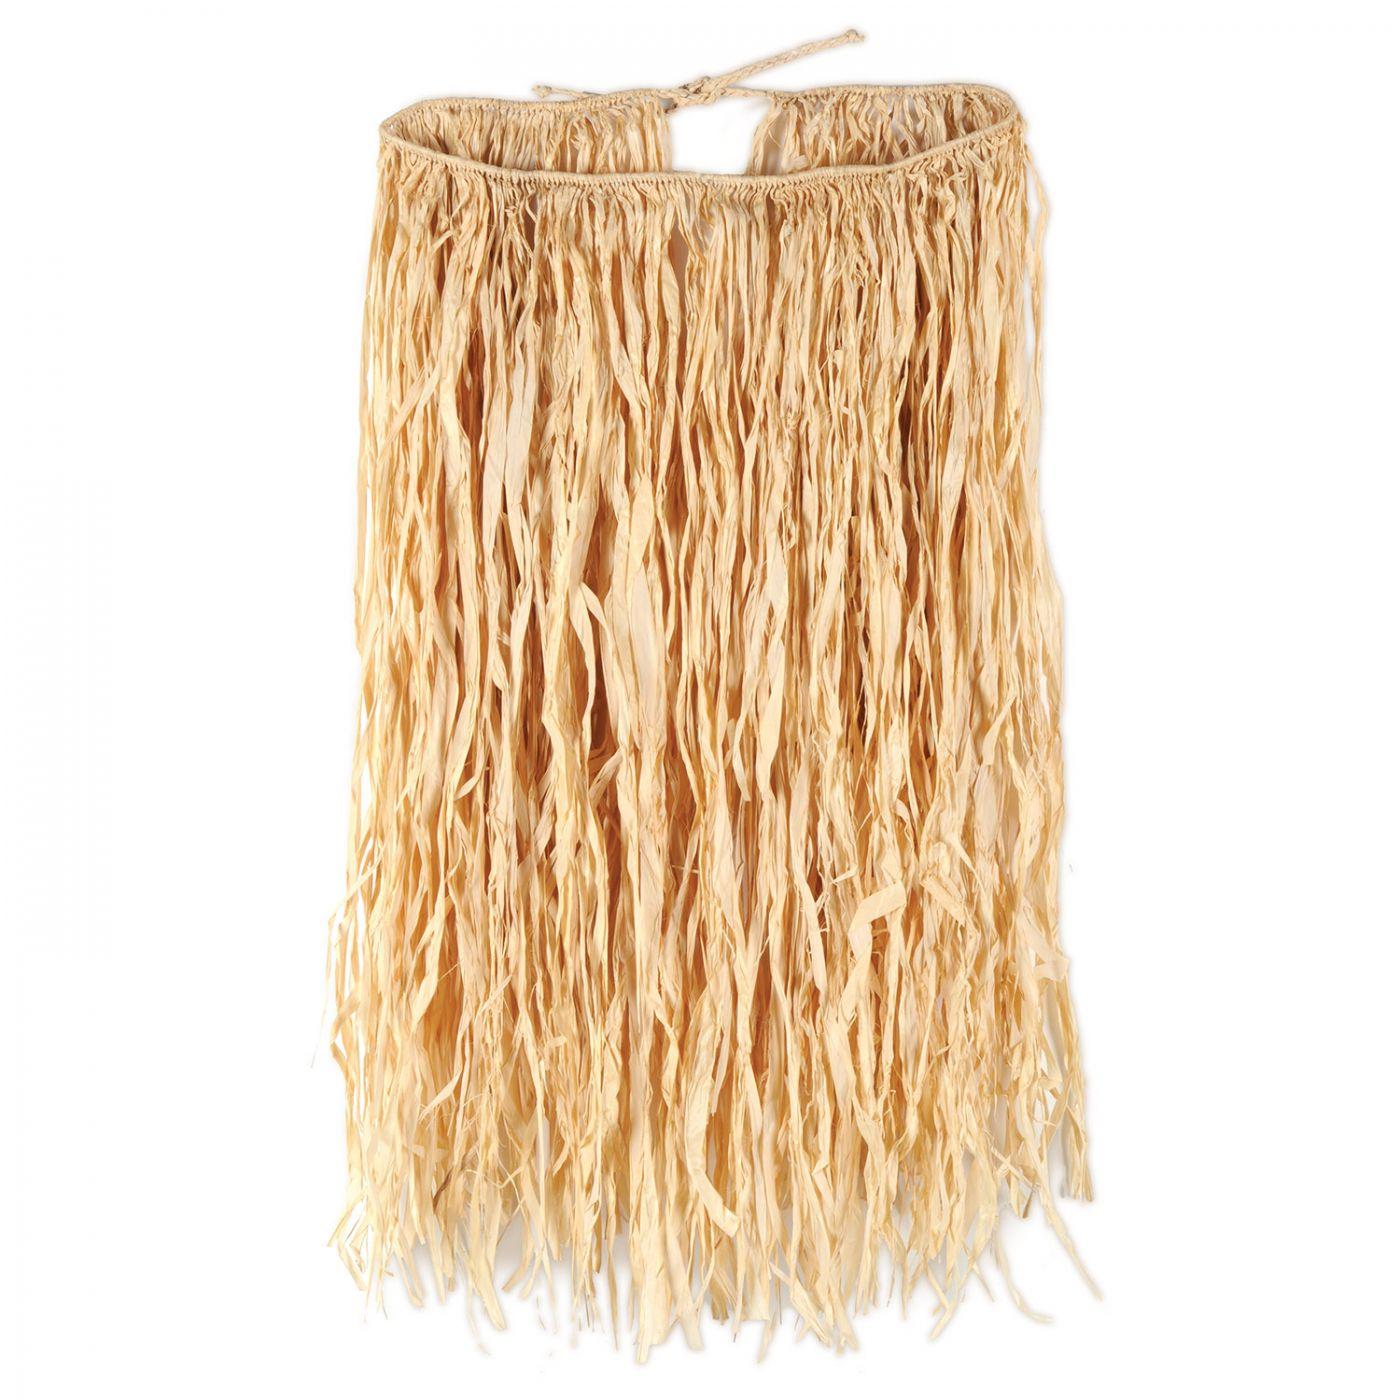 Image of Adult Raffia Hula Skirt